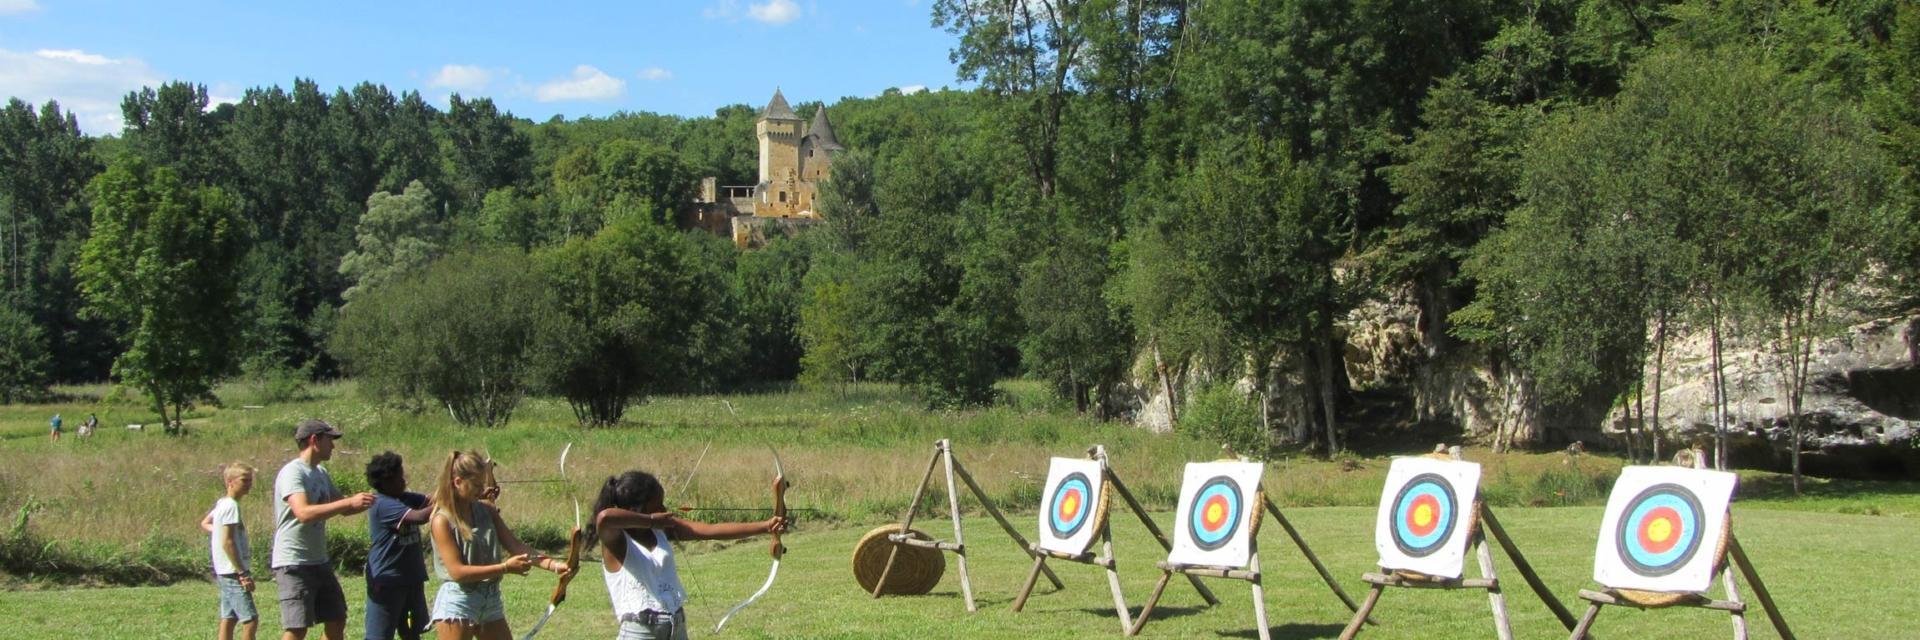 Château de Commarque tir à l'arc